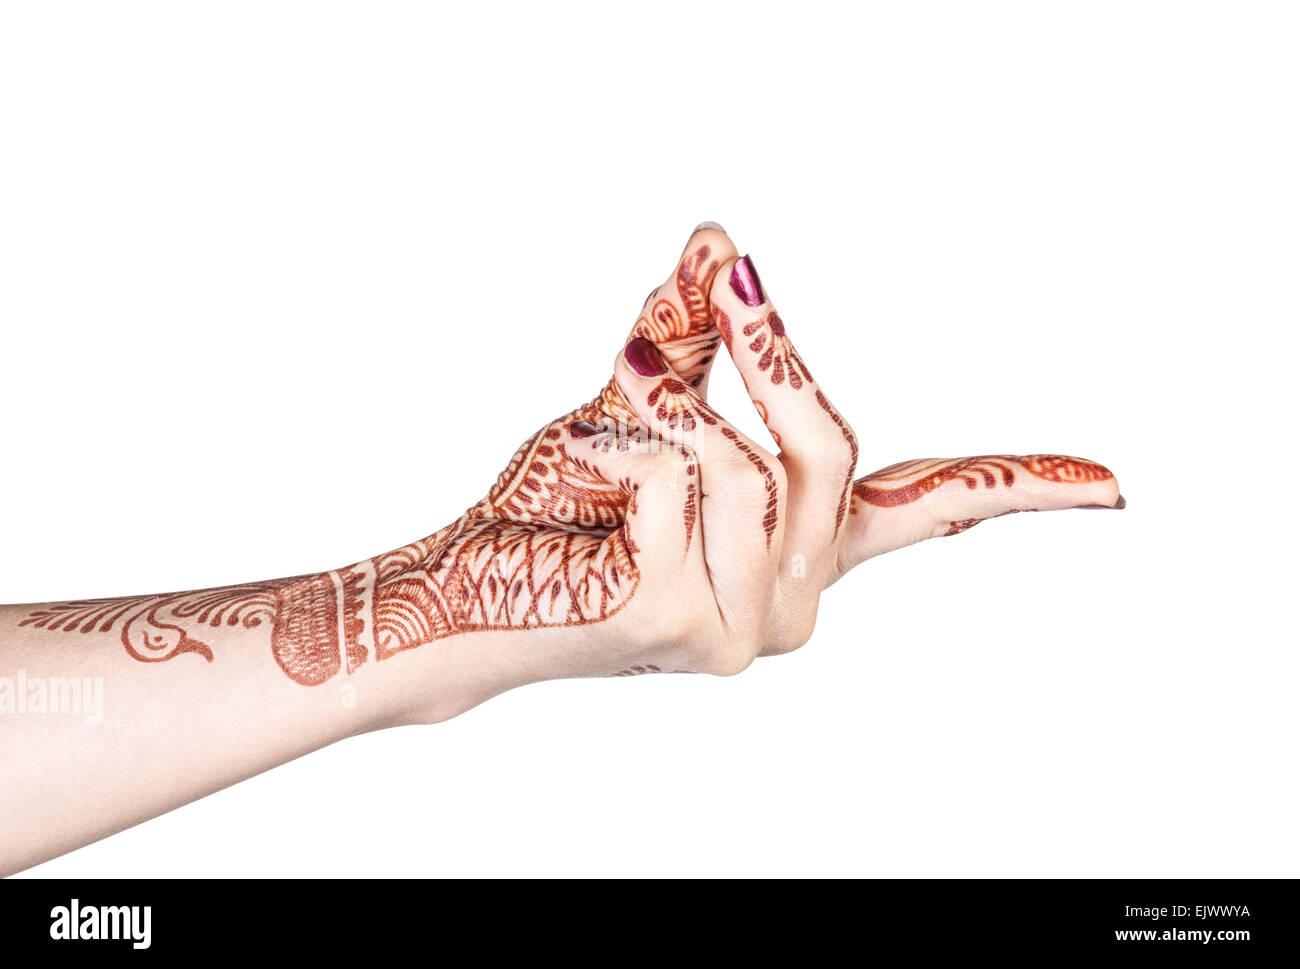 Donna con mano henna fare mudra bronchiale isolato su sfondo bianco con tracciato di ritaglio Immagini Stock